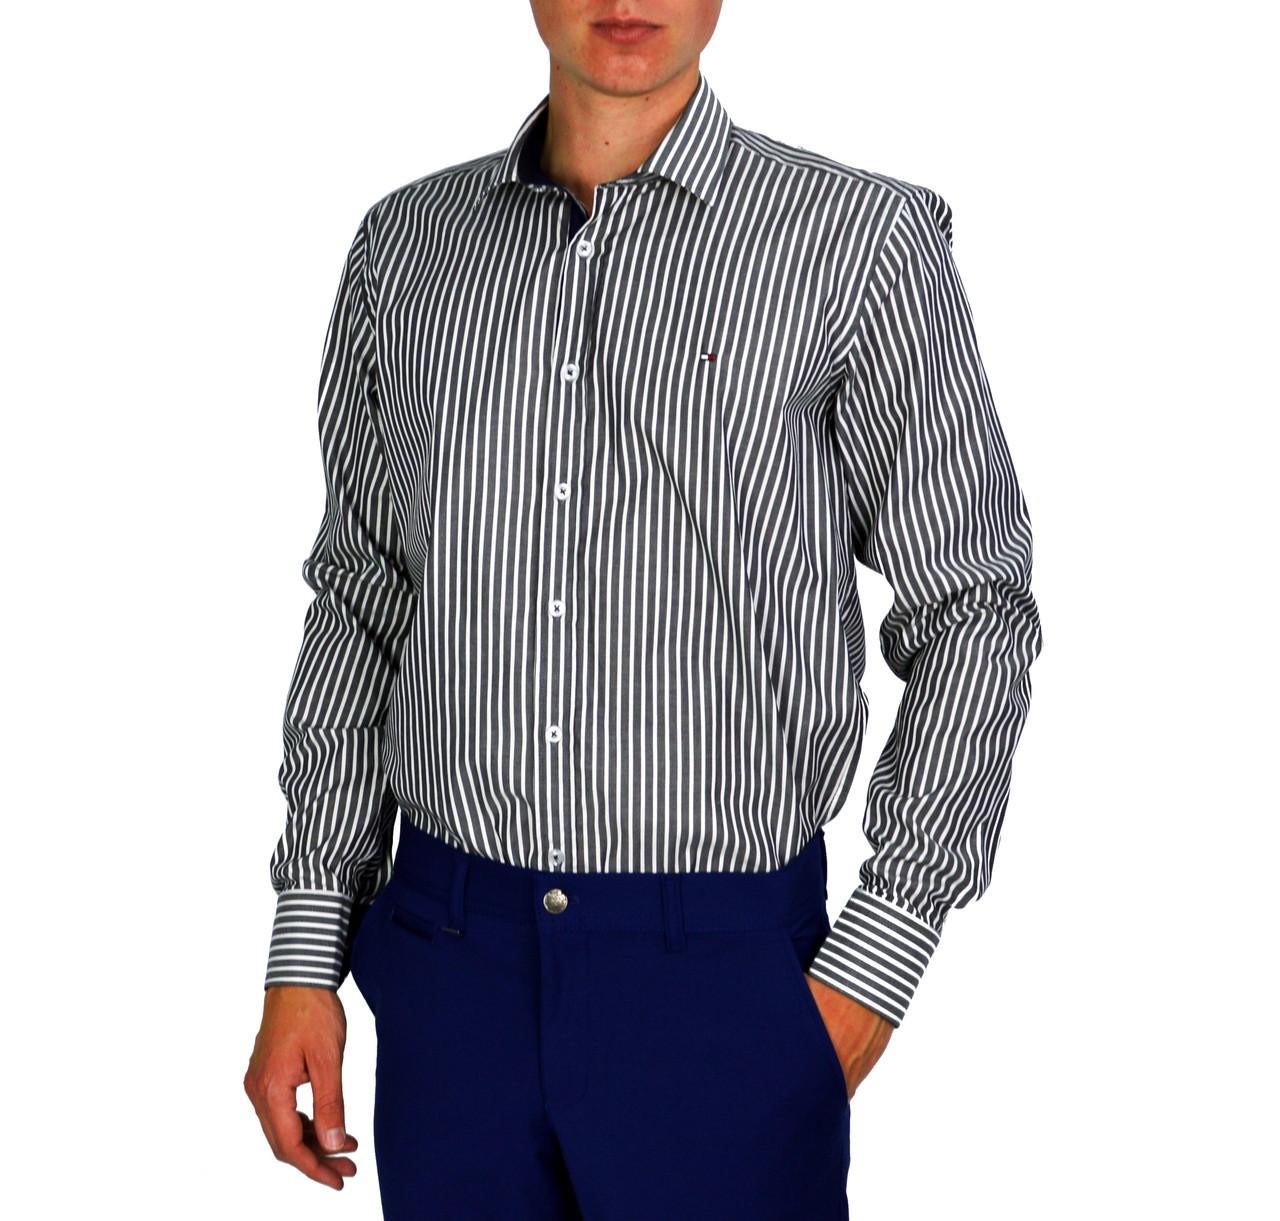 fa78c7c8a80 Полосатая мужская рубашка классическая TOMMY -